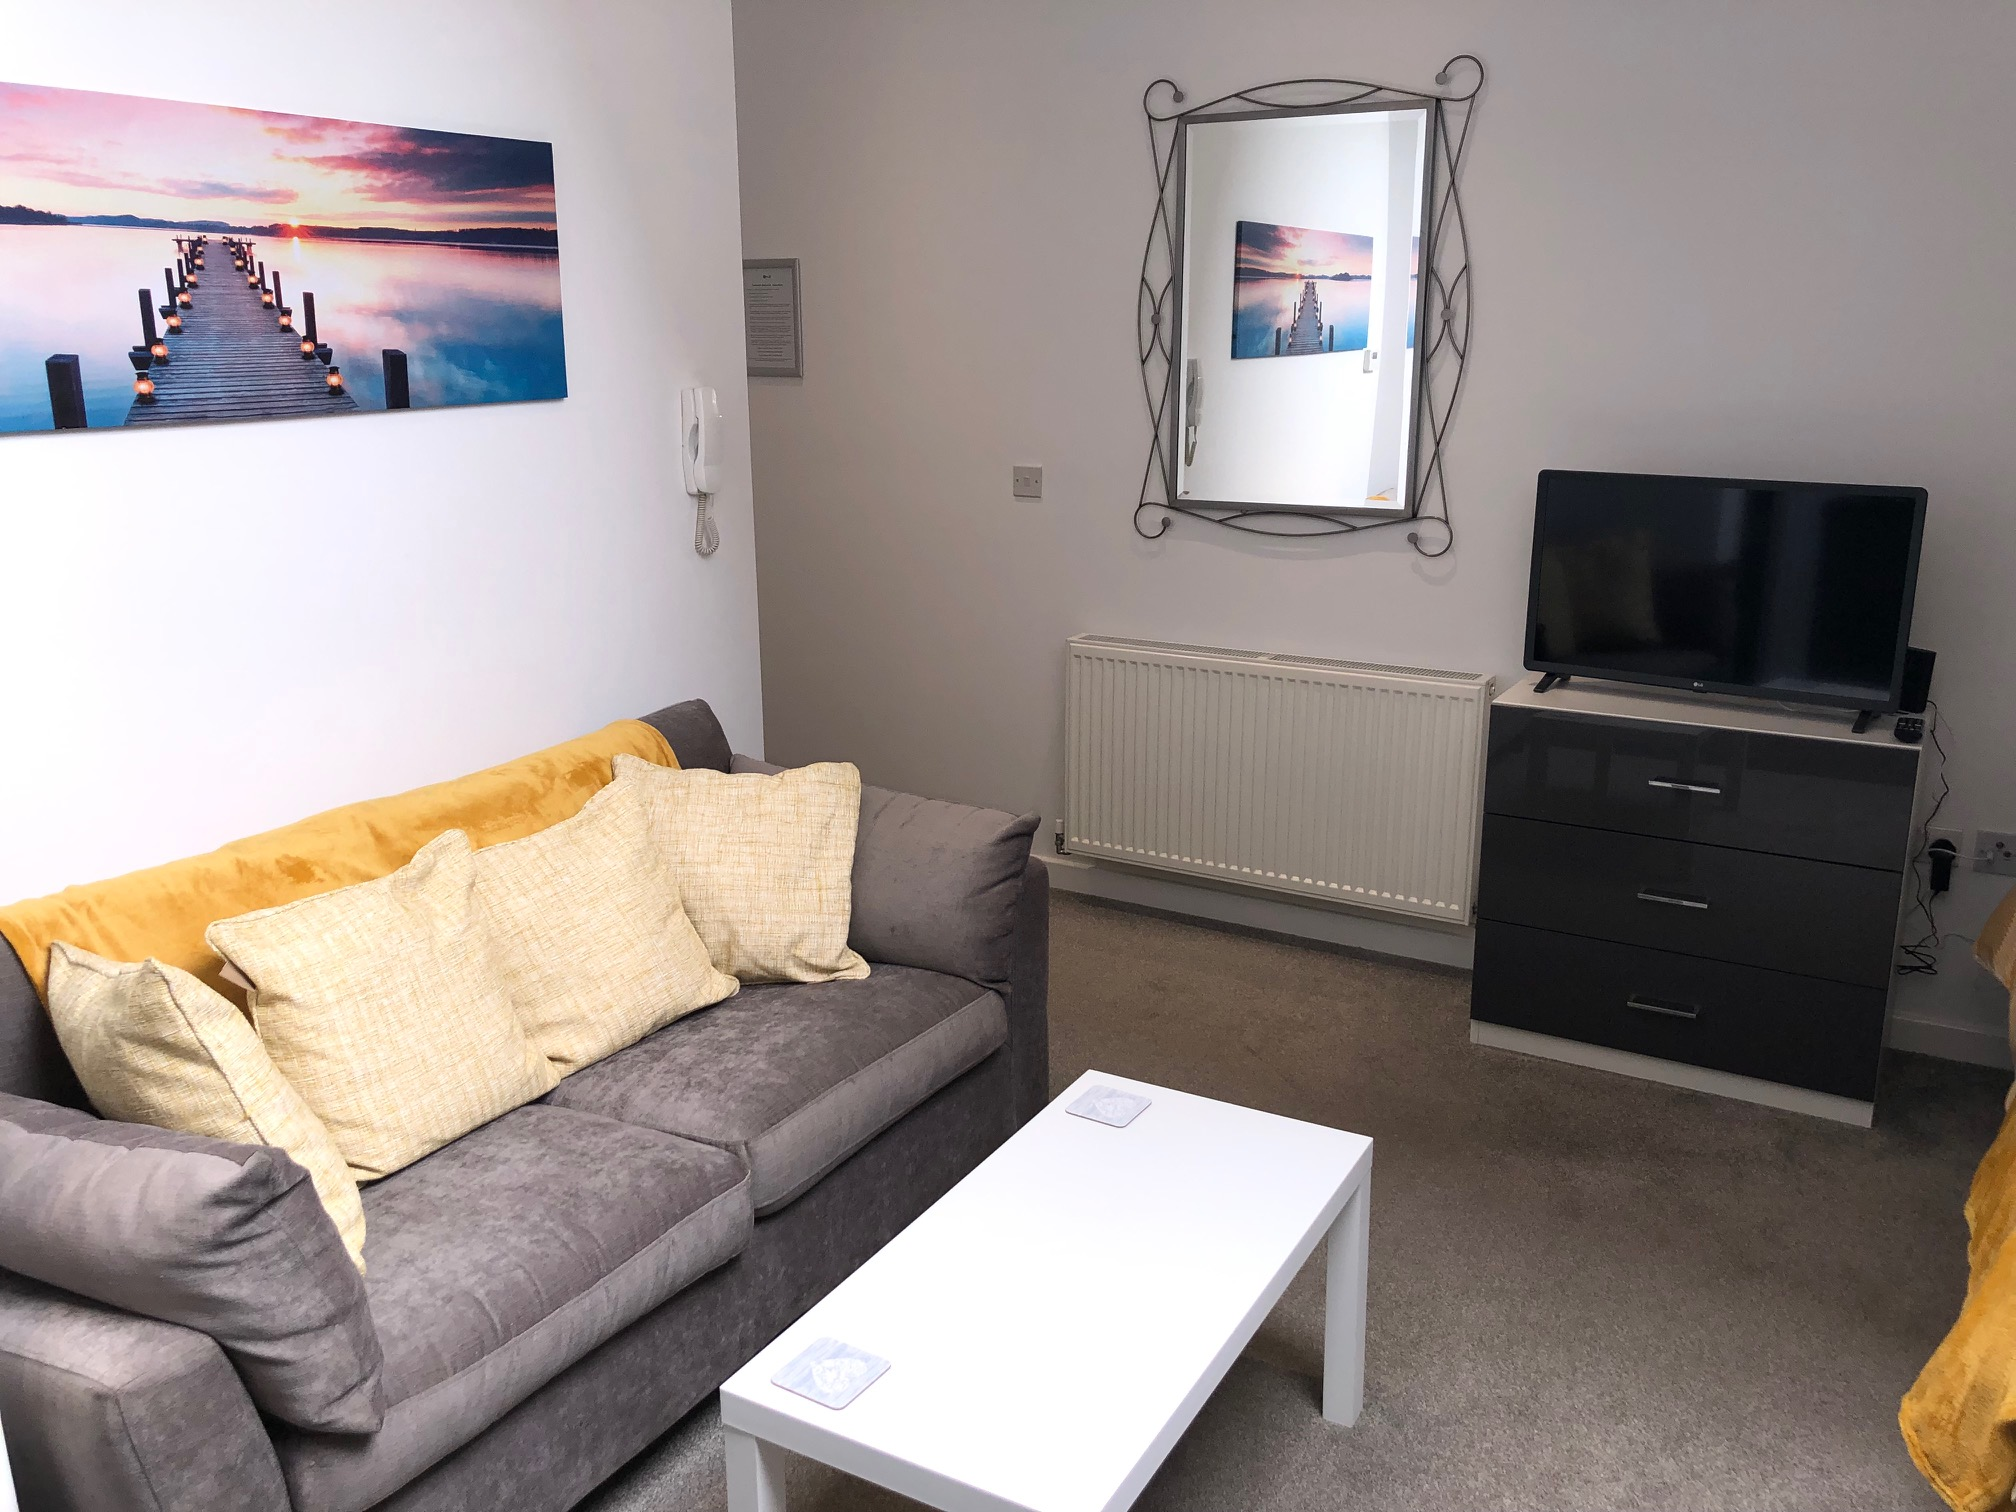 72SEH Sofa in lounge area.jpg